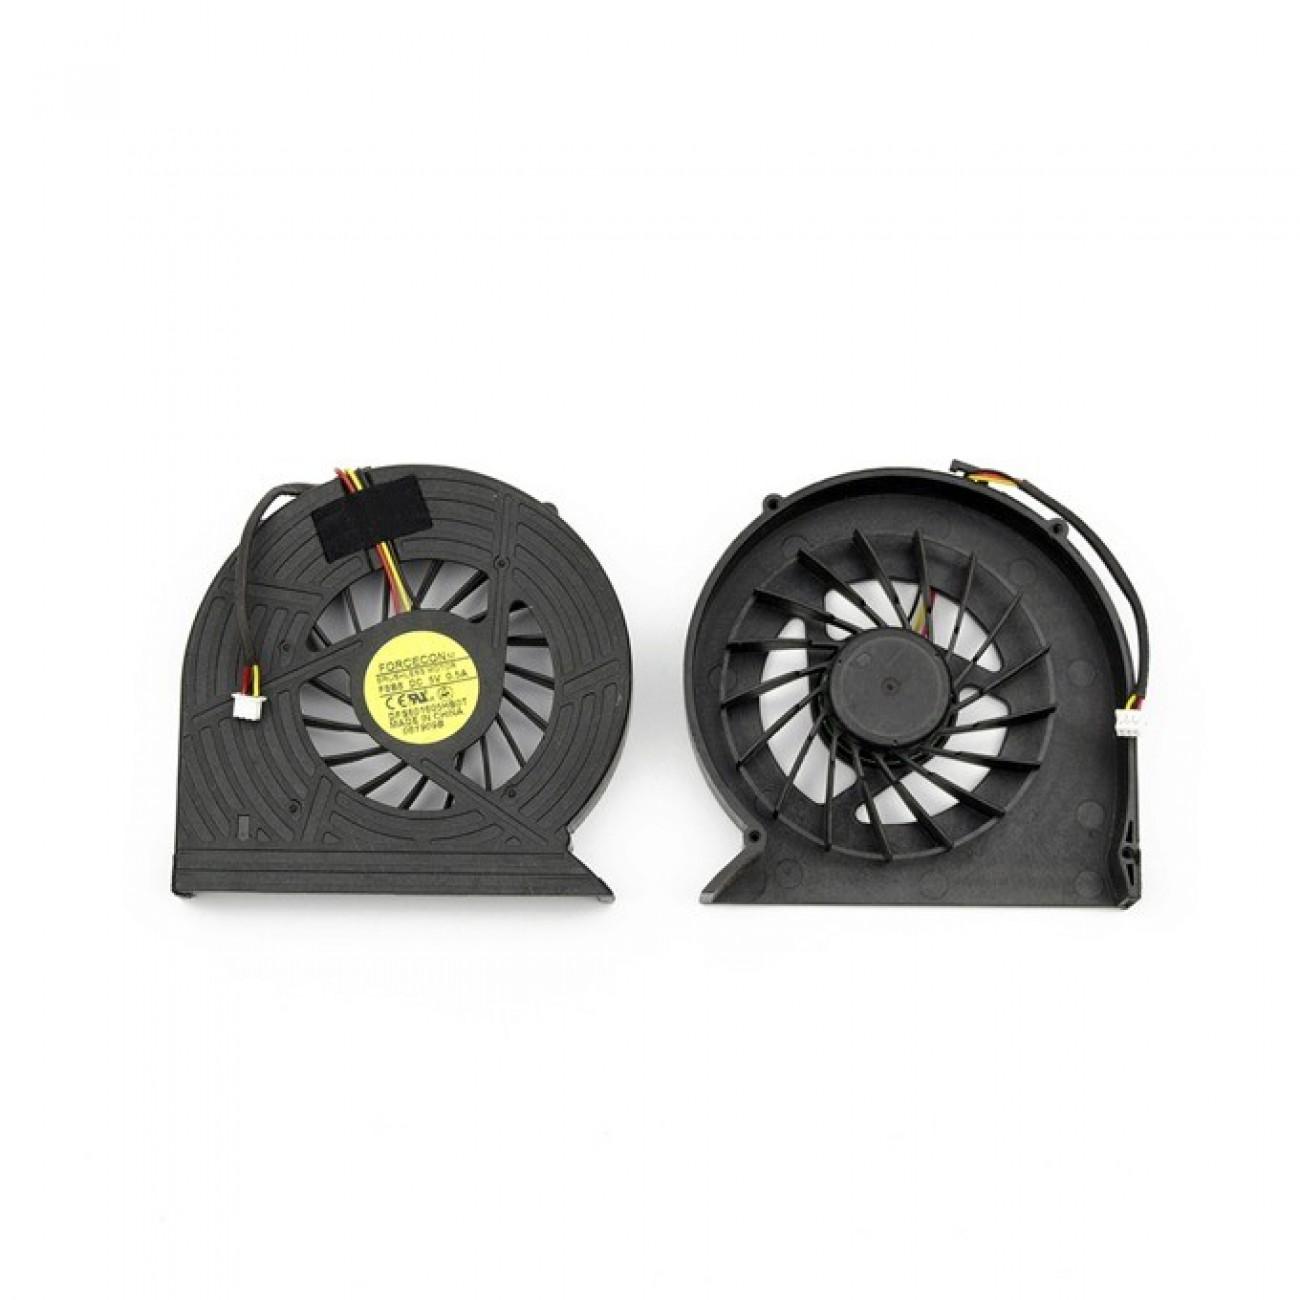 Вентилатор за лаптоп съвместим с Acer Aspire 8730 в Резервни части -  | Alleop